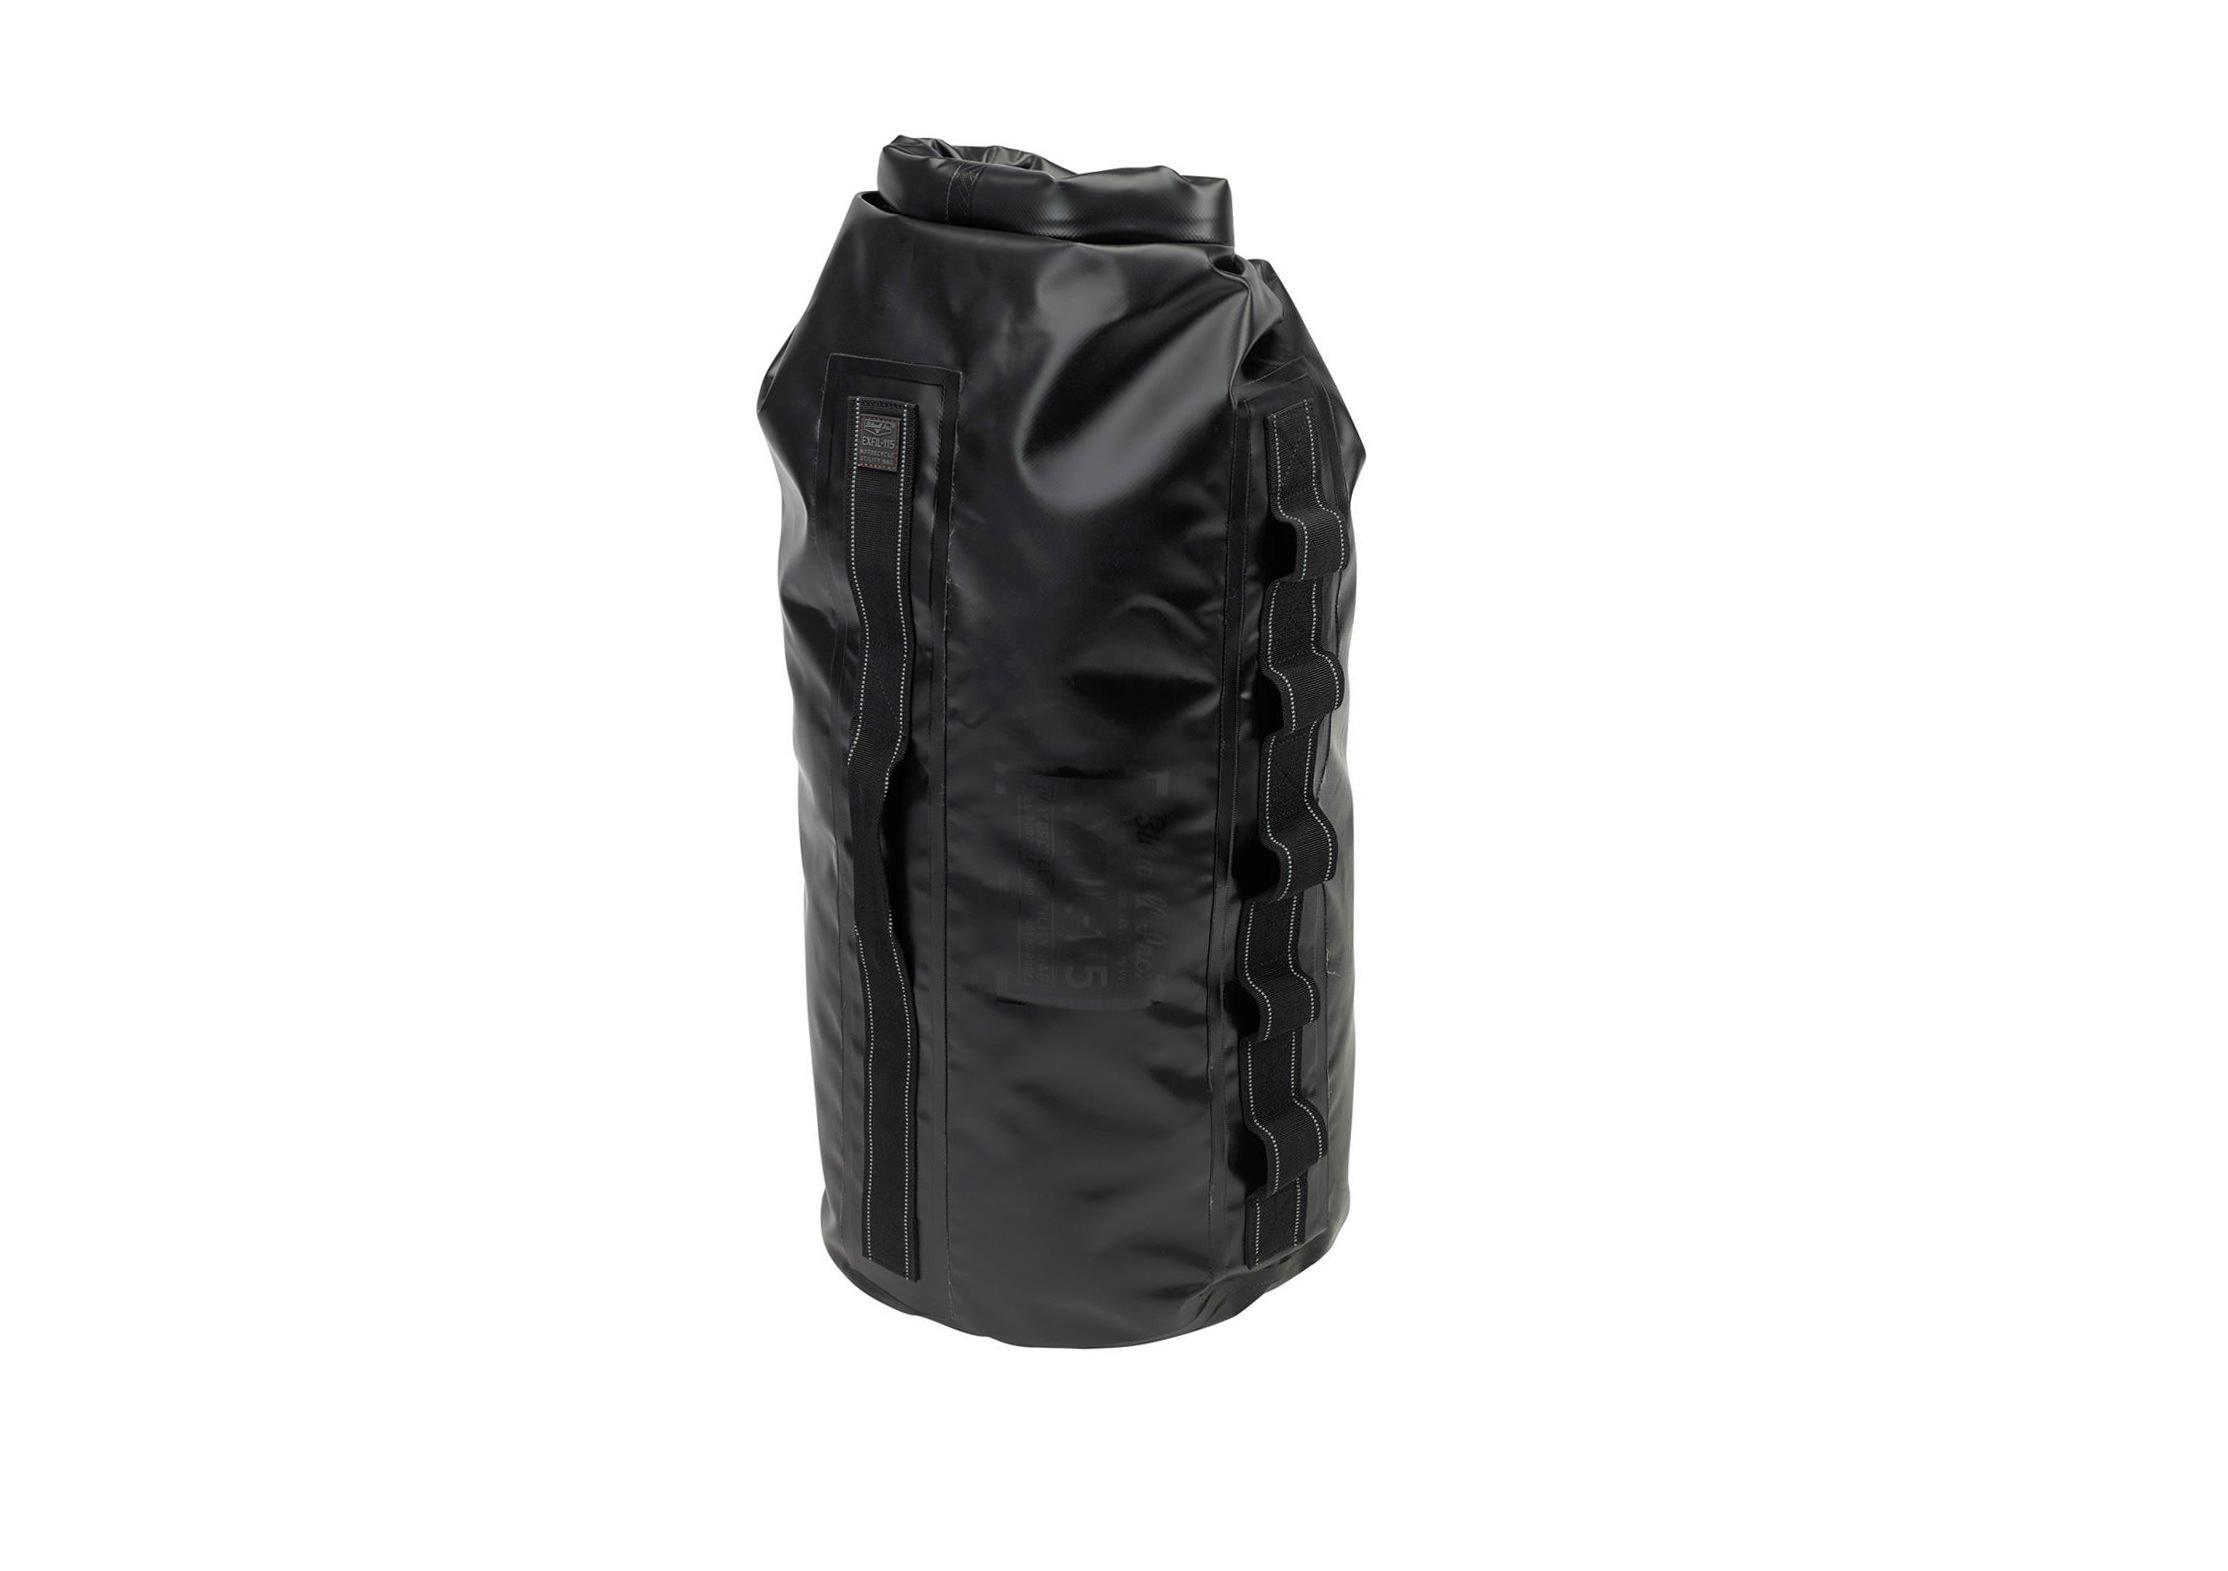 The Biltwell EXFIL-115 Waterproof Motorcycle Bag